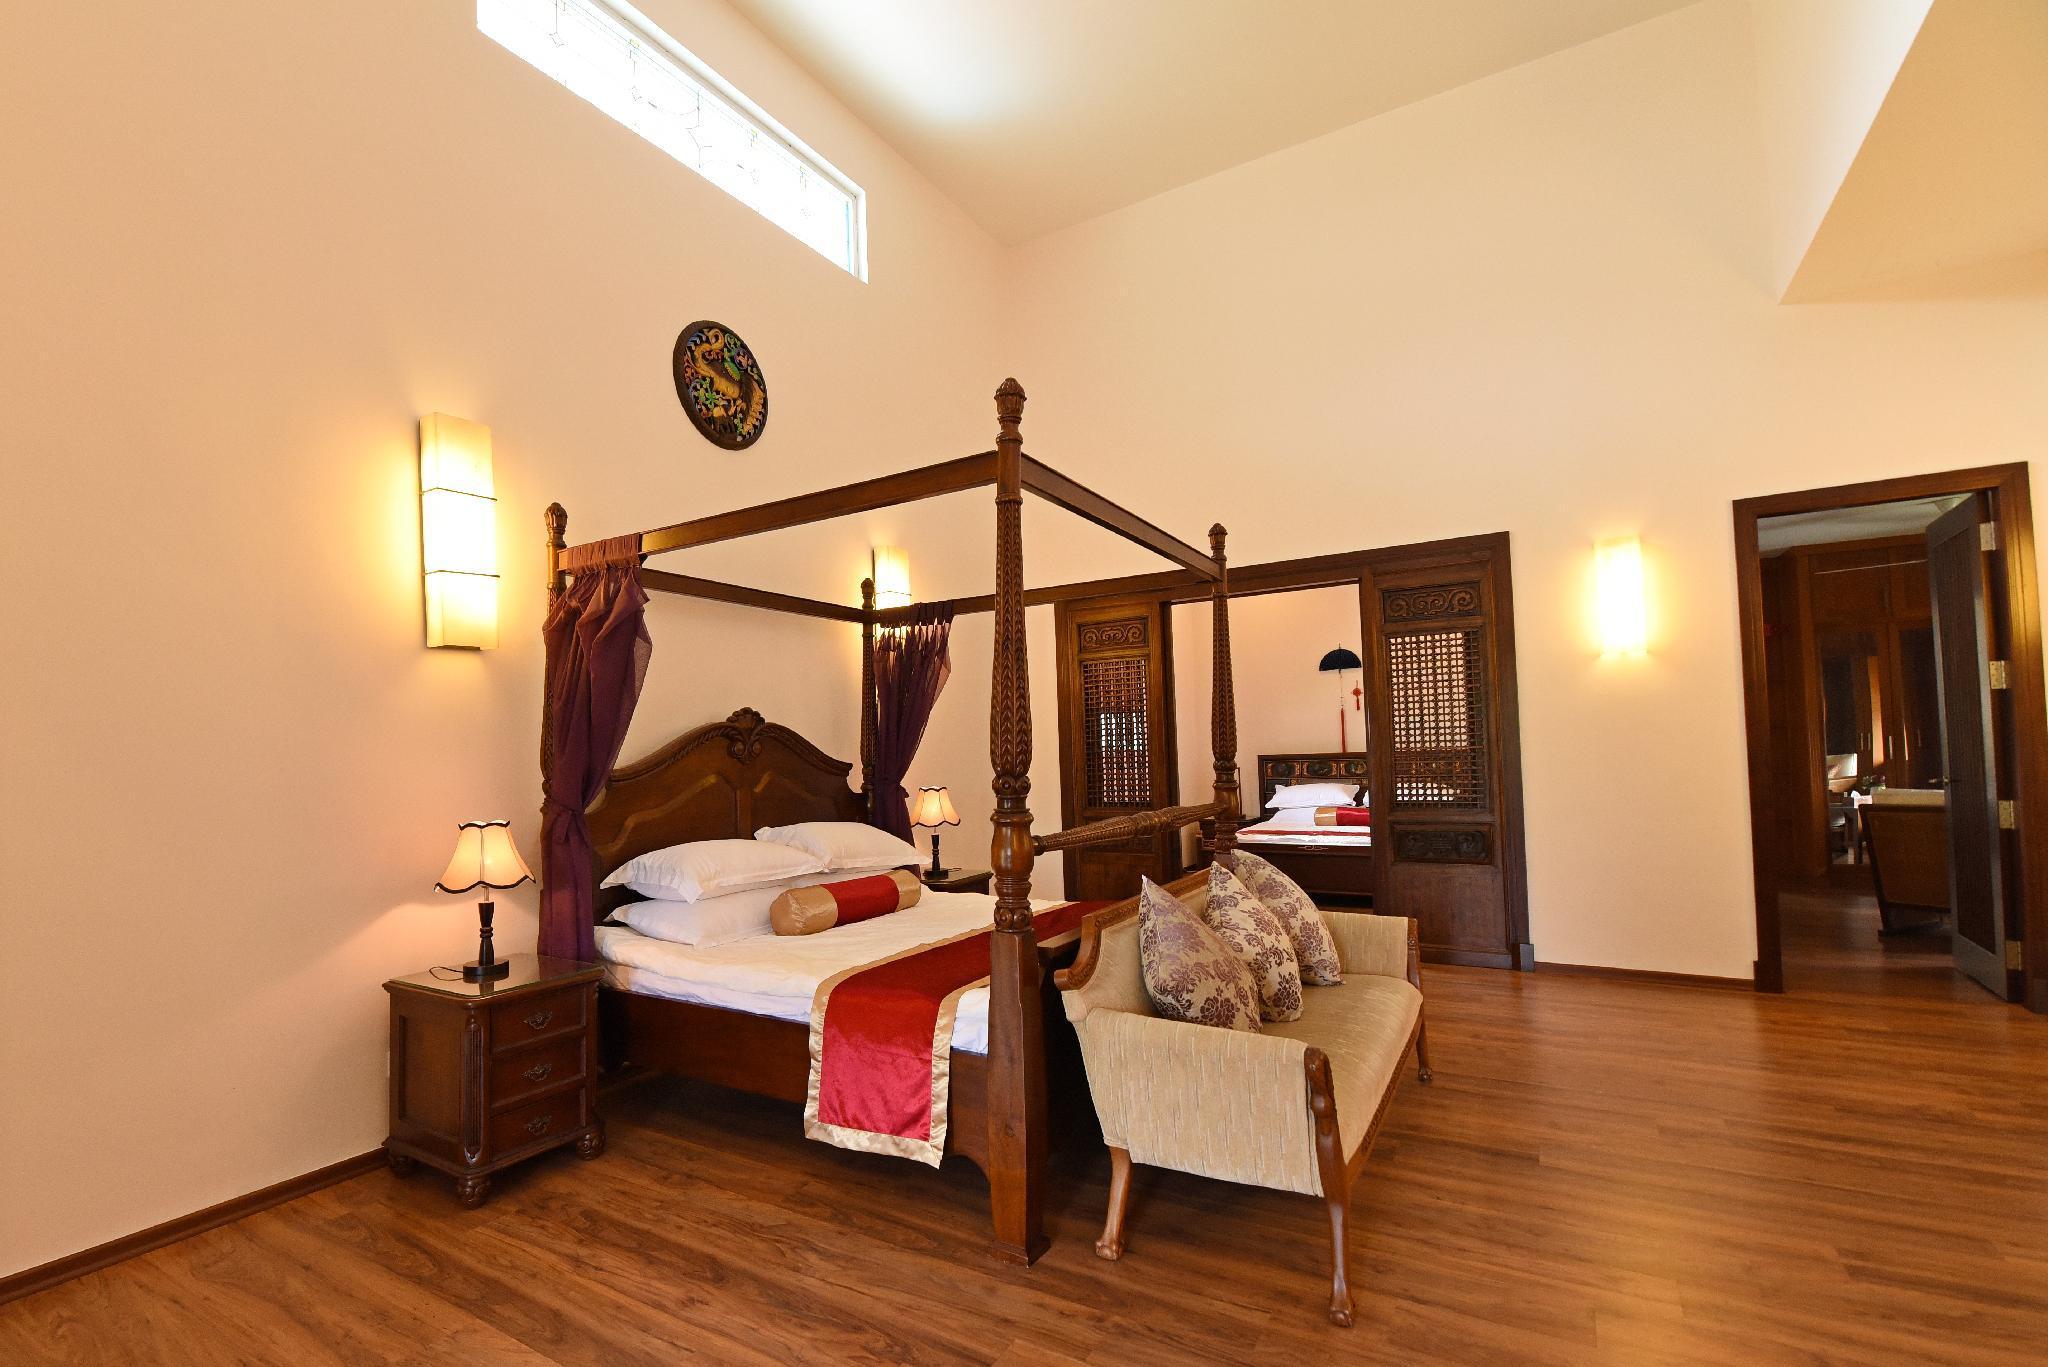 1708 Fantasy Villa With Private Pool @Ampang KL